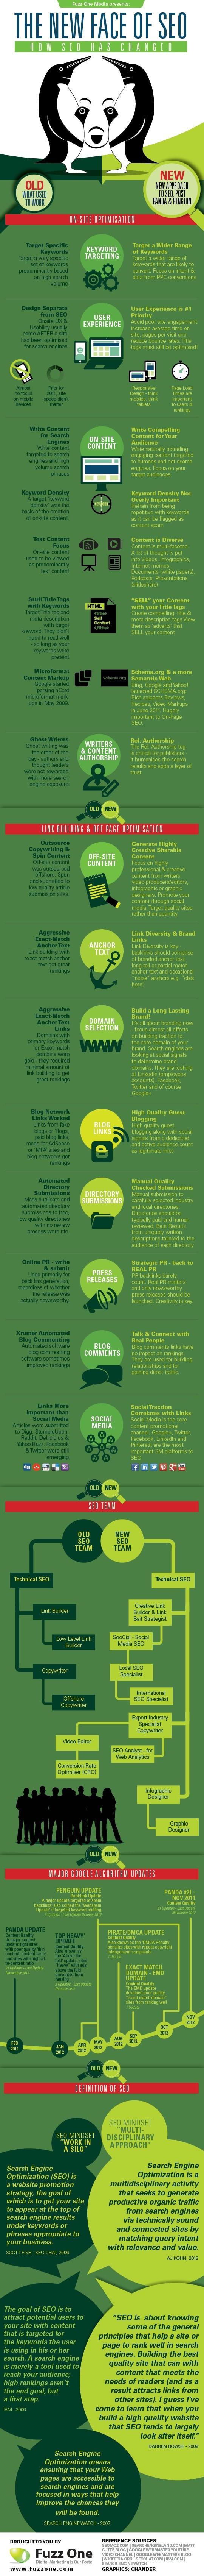 infographic-seo-ontwikkelingen-2012